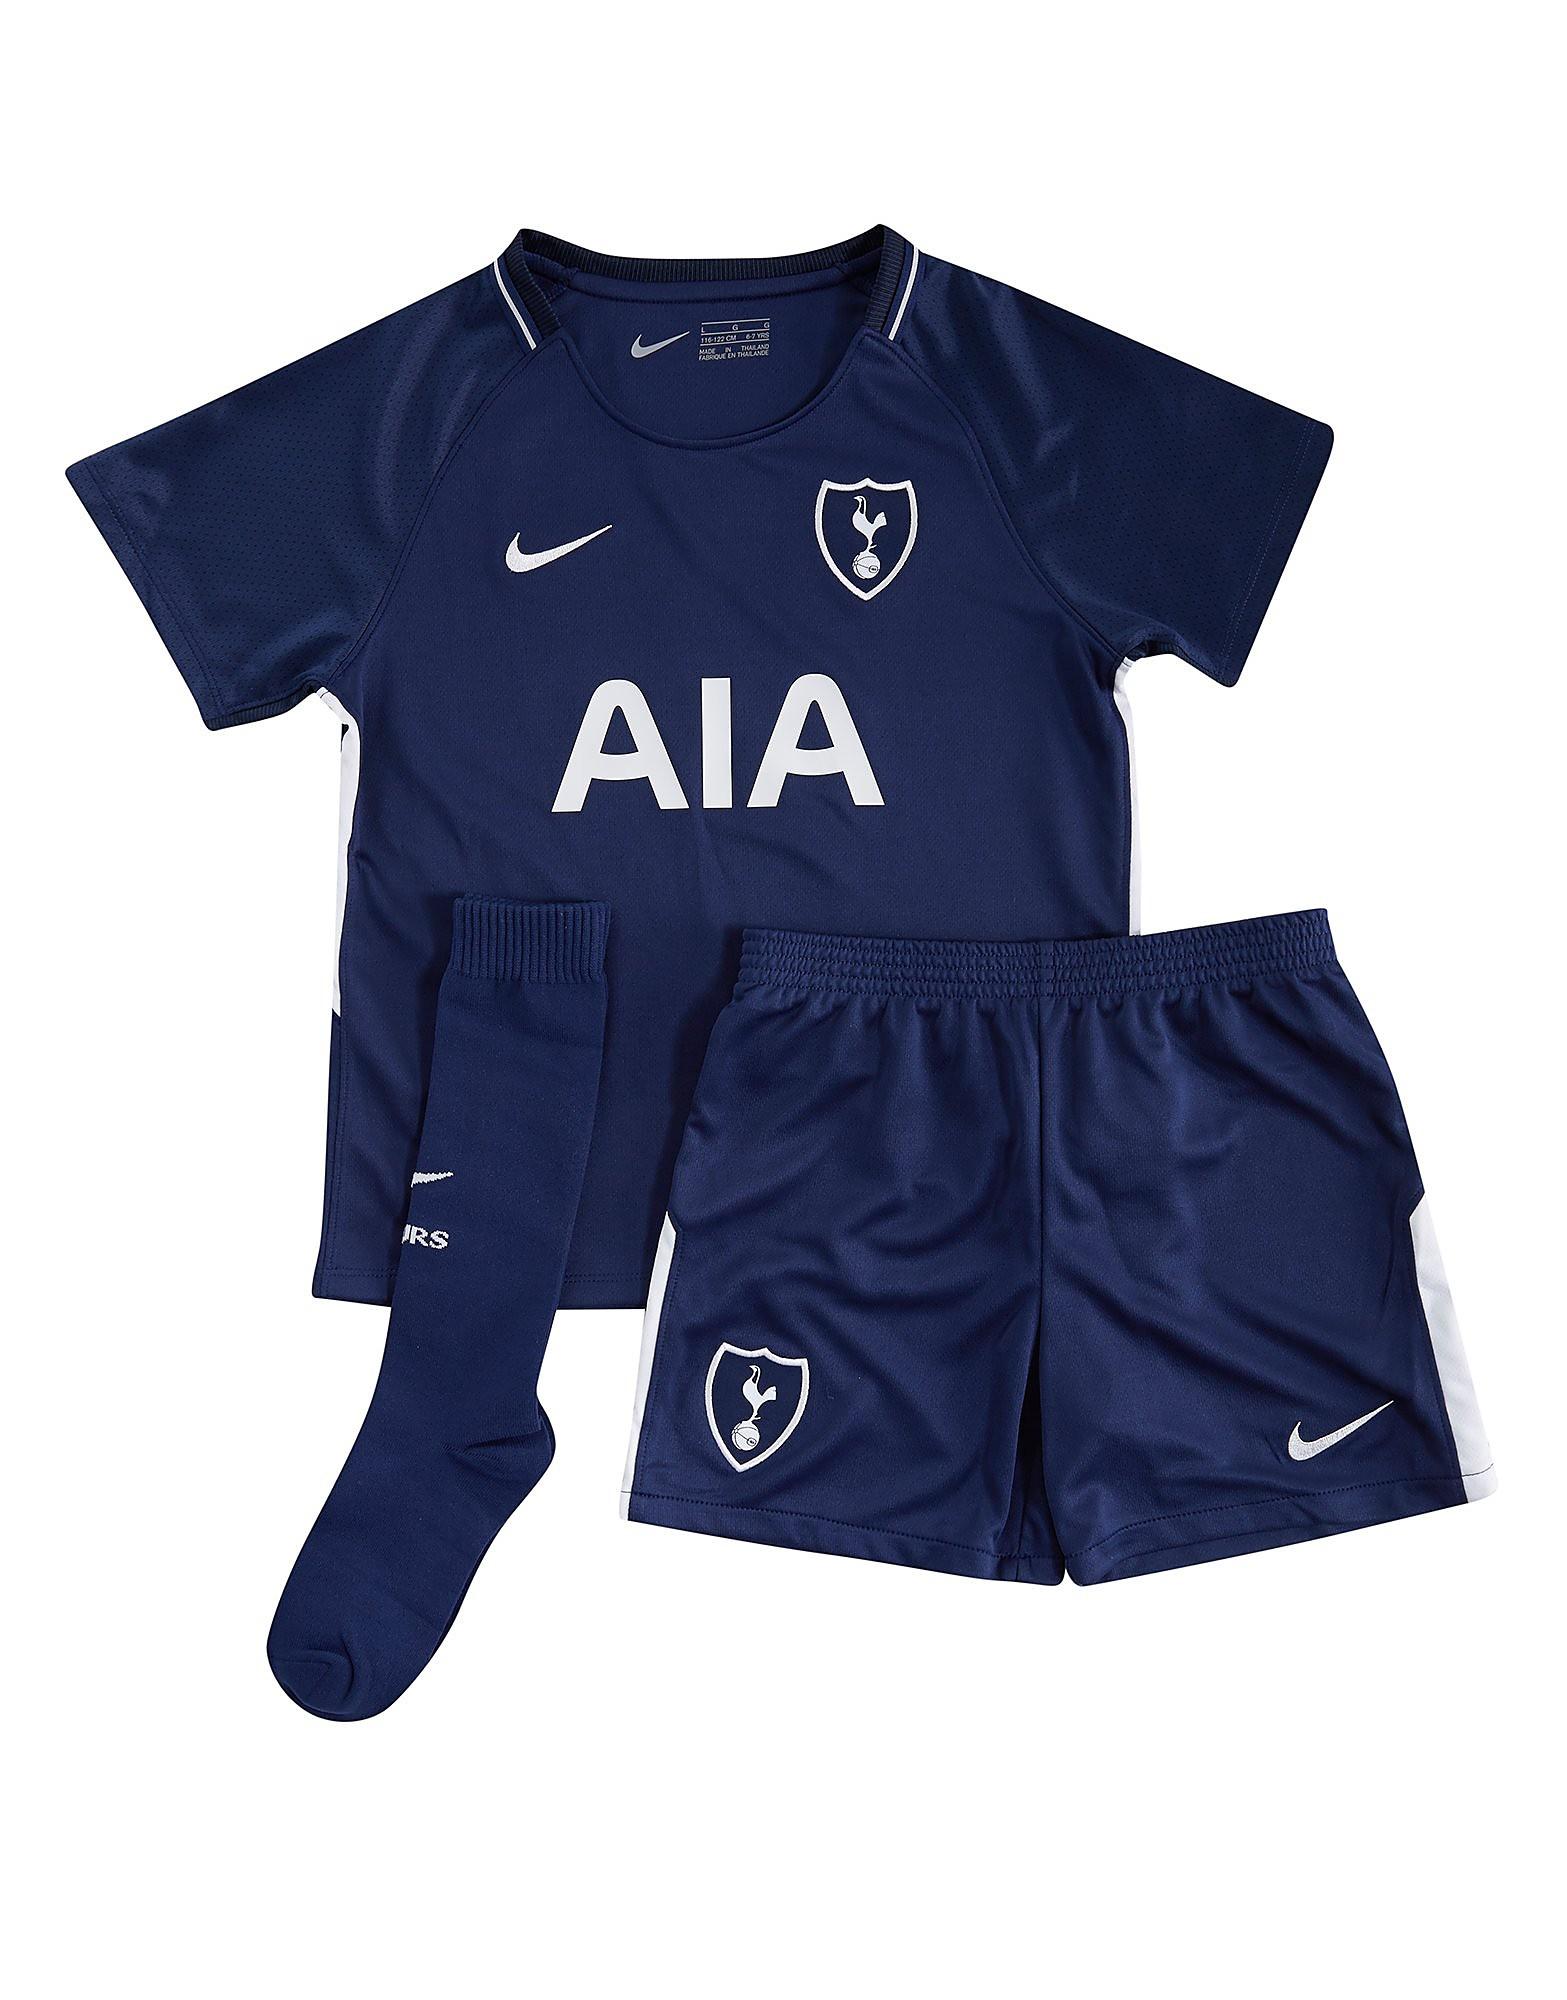 Nike Tottenham Hotspur 2017/18 Away Kit Children